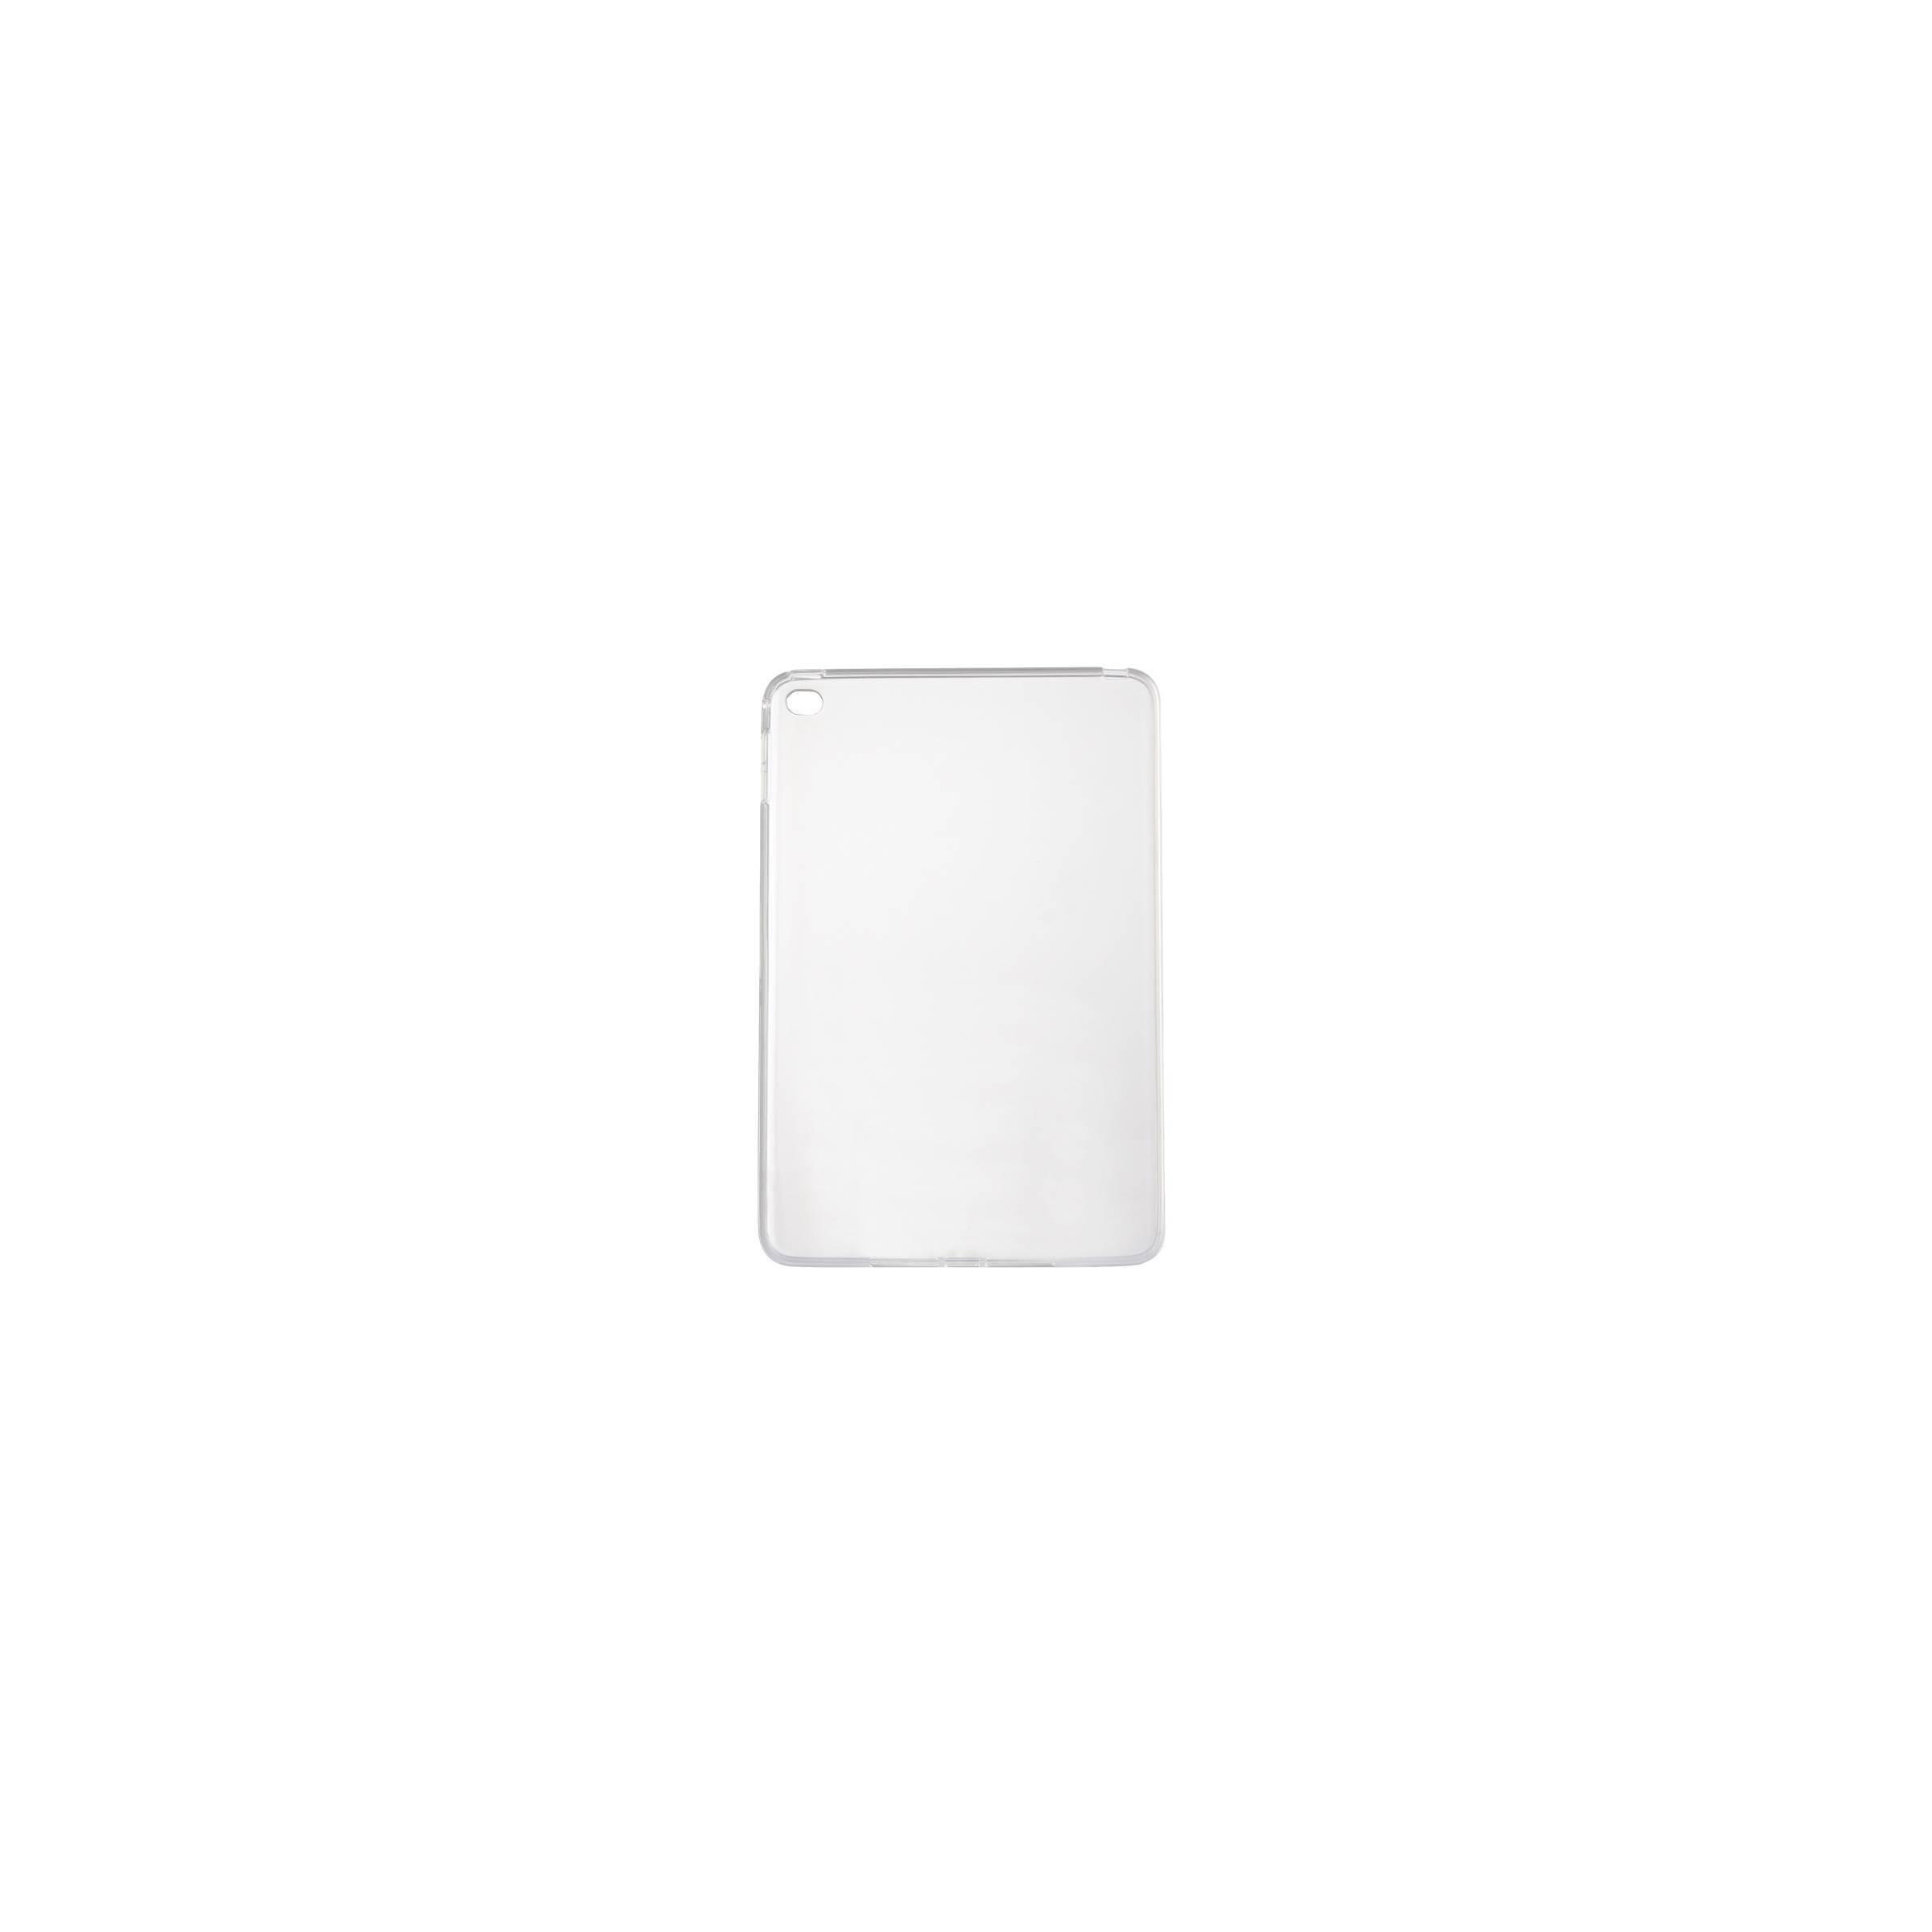 Ipad pro 12,9 silikone cover farve gennemsigtig fra kina oem fra mackabler.dk